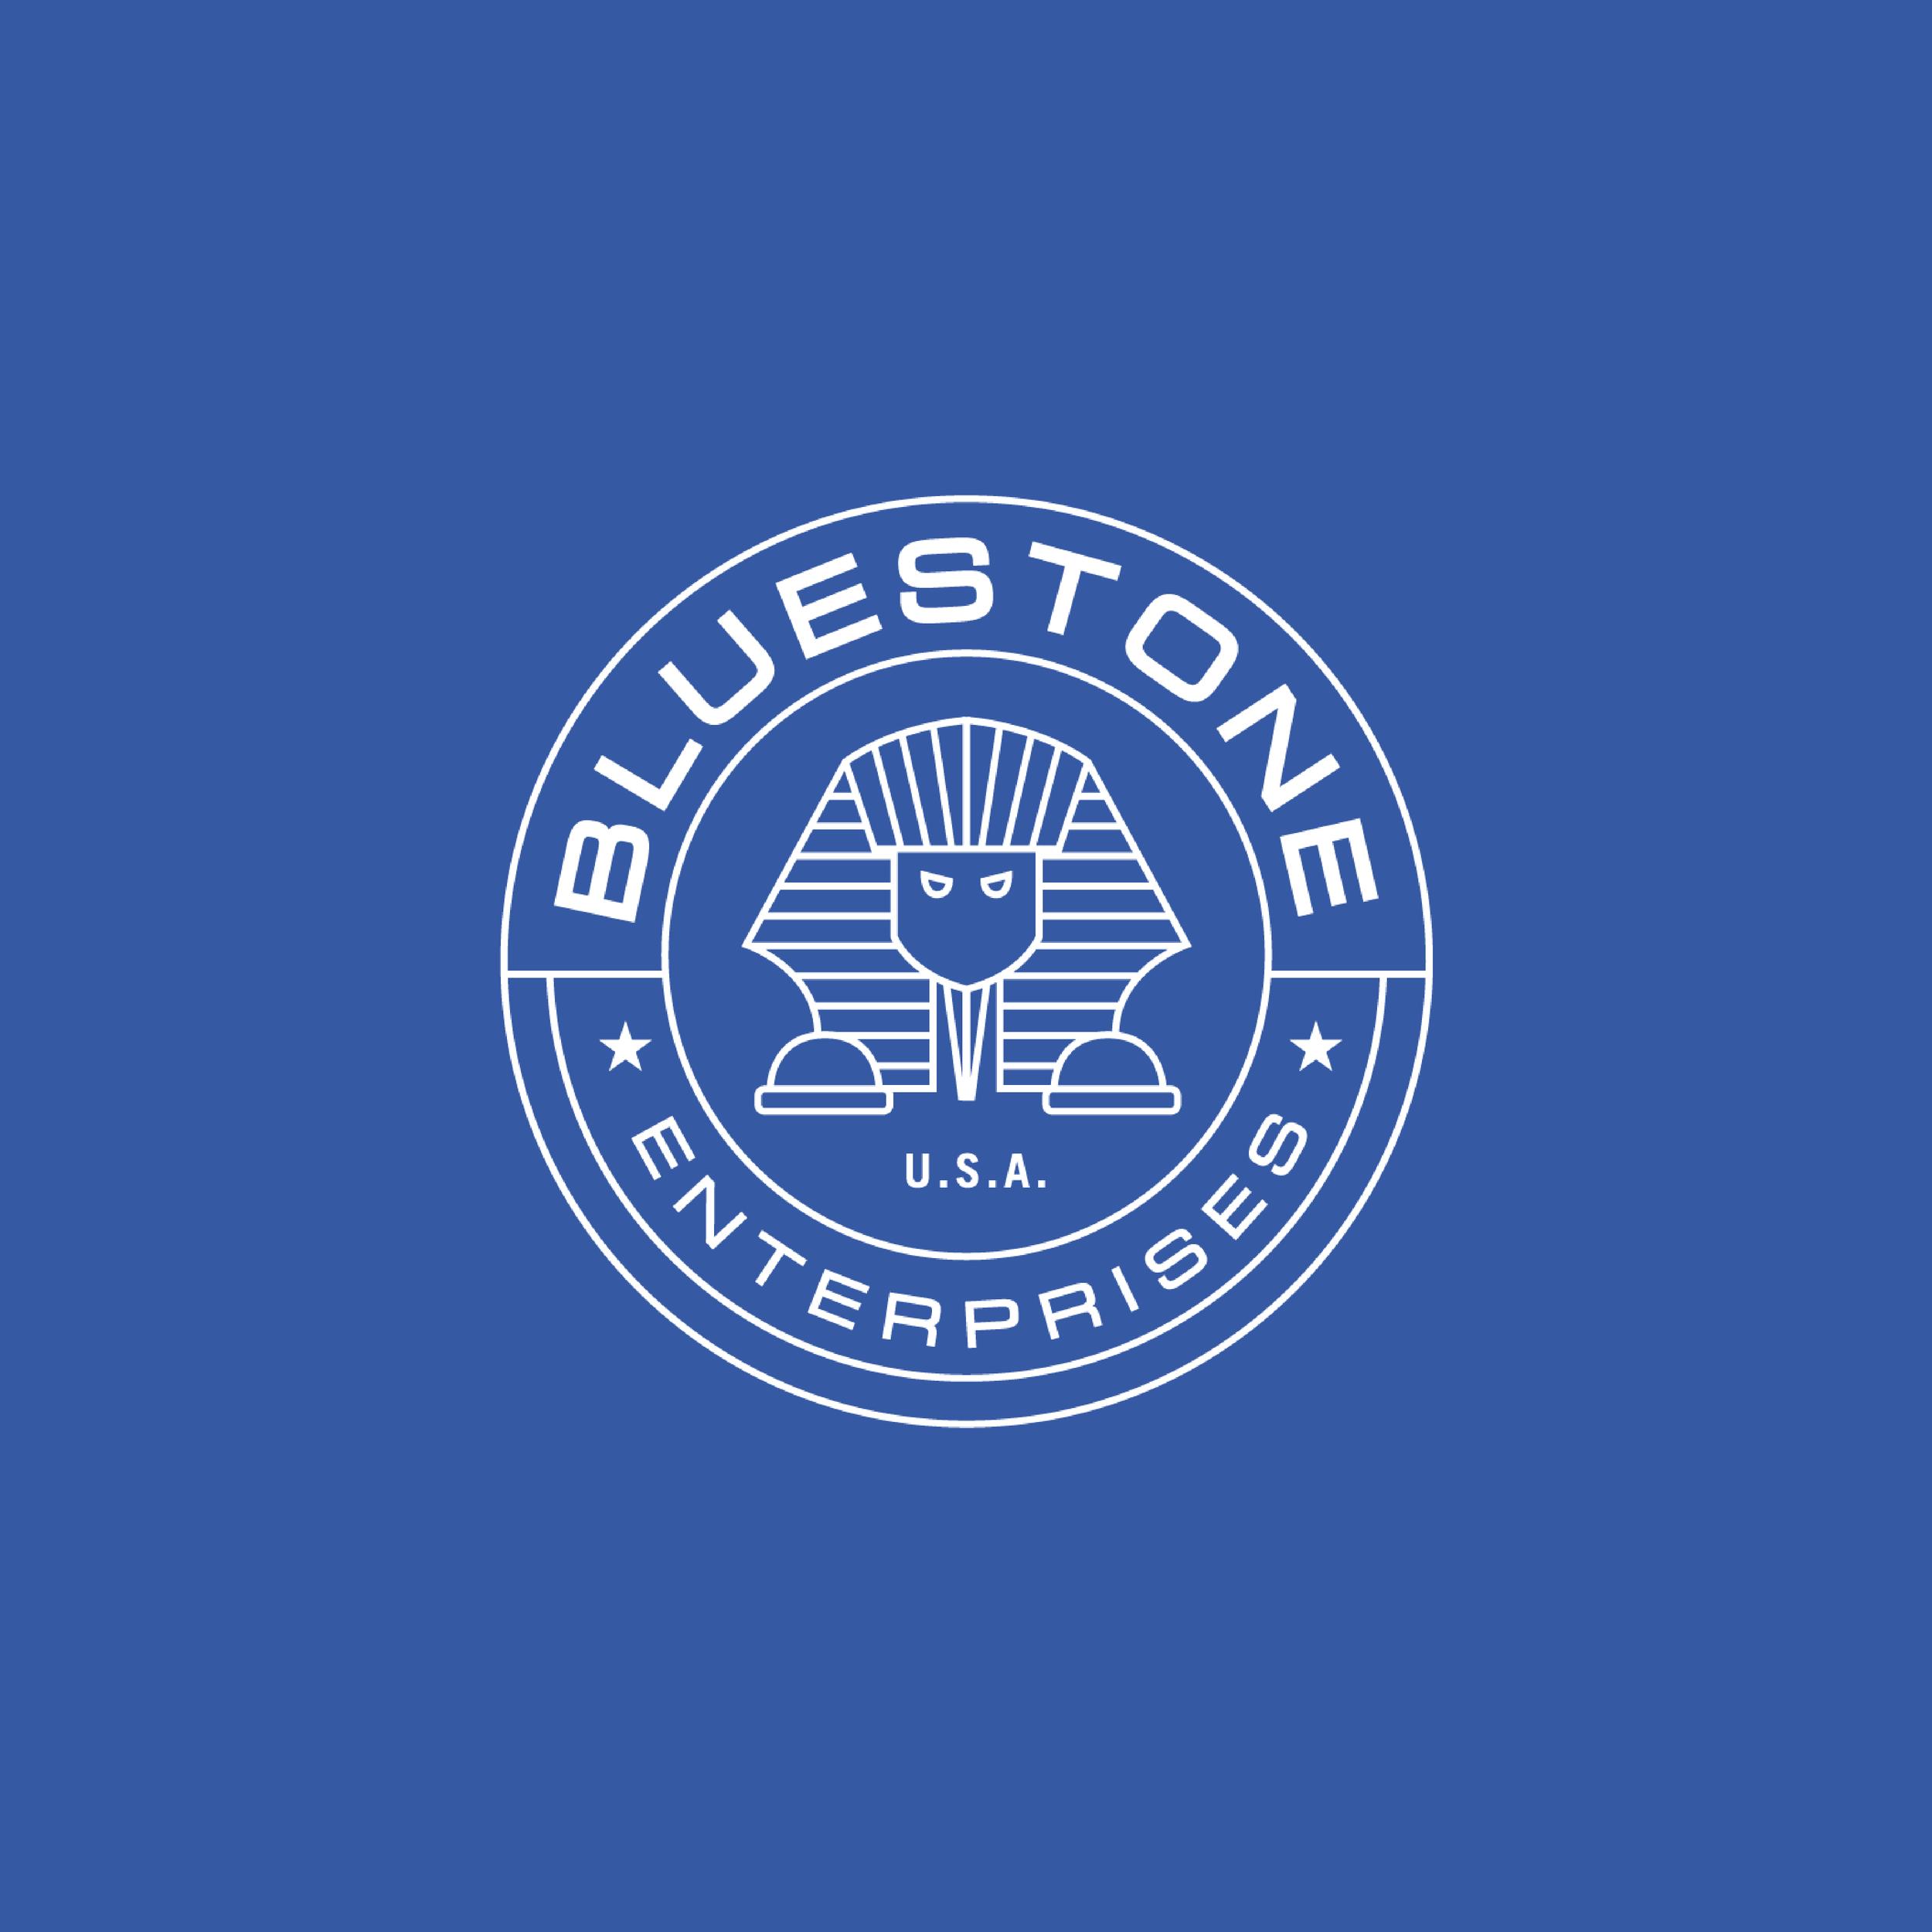 Bluestone Enterprises